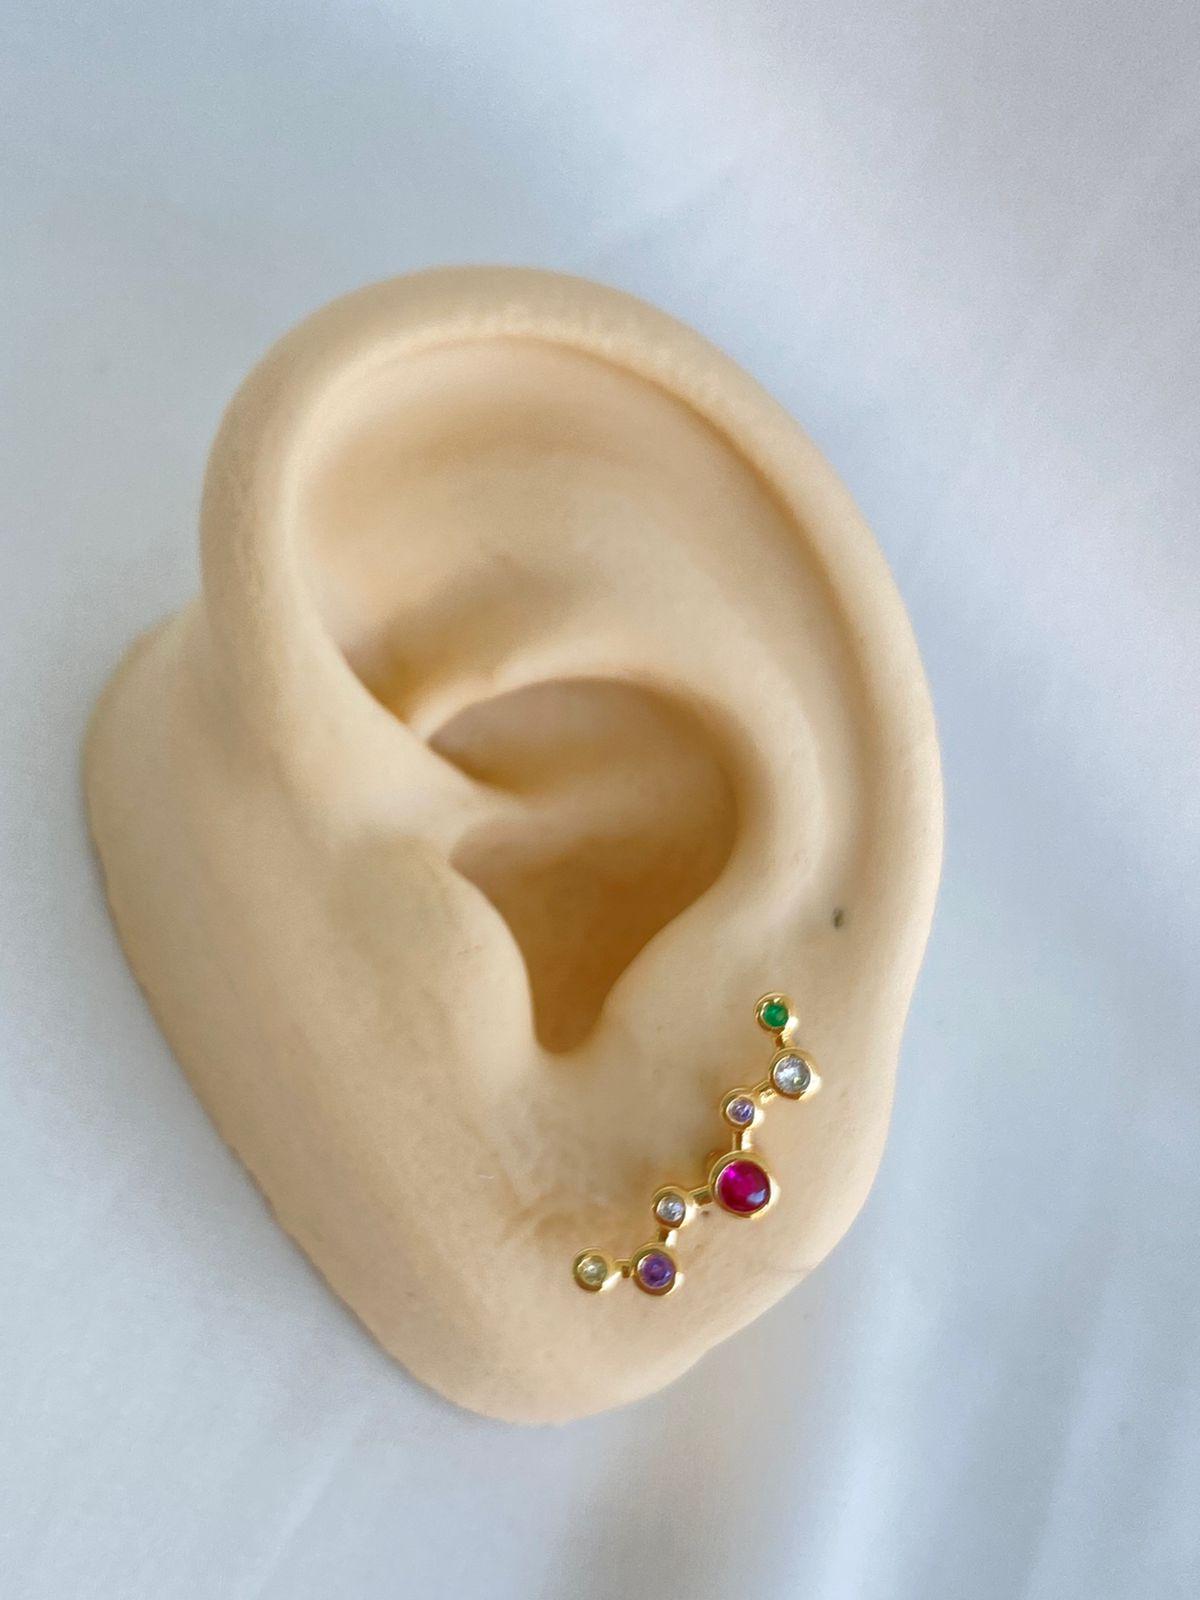 Brinco | Ear Cuff| Dourado | Constelação Rainbow